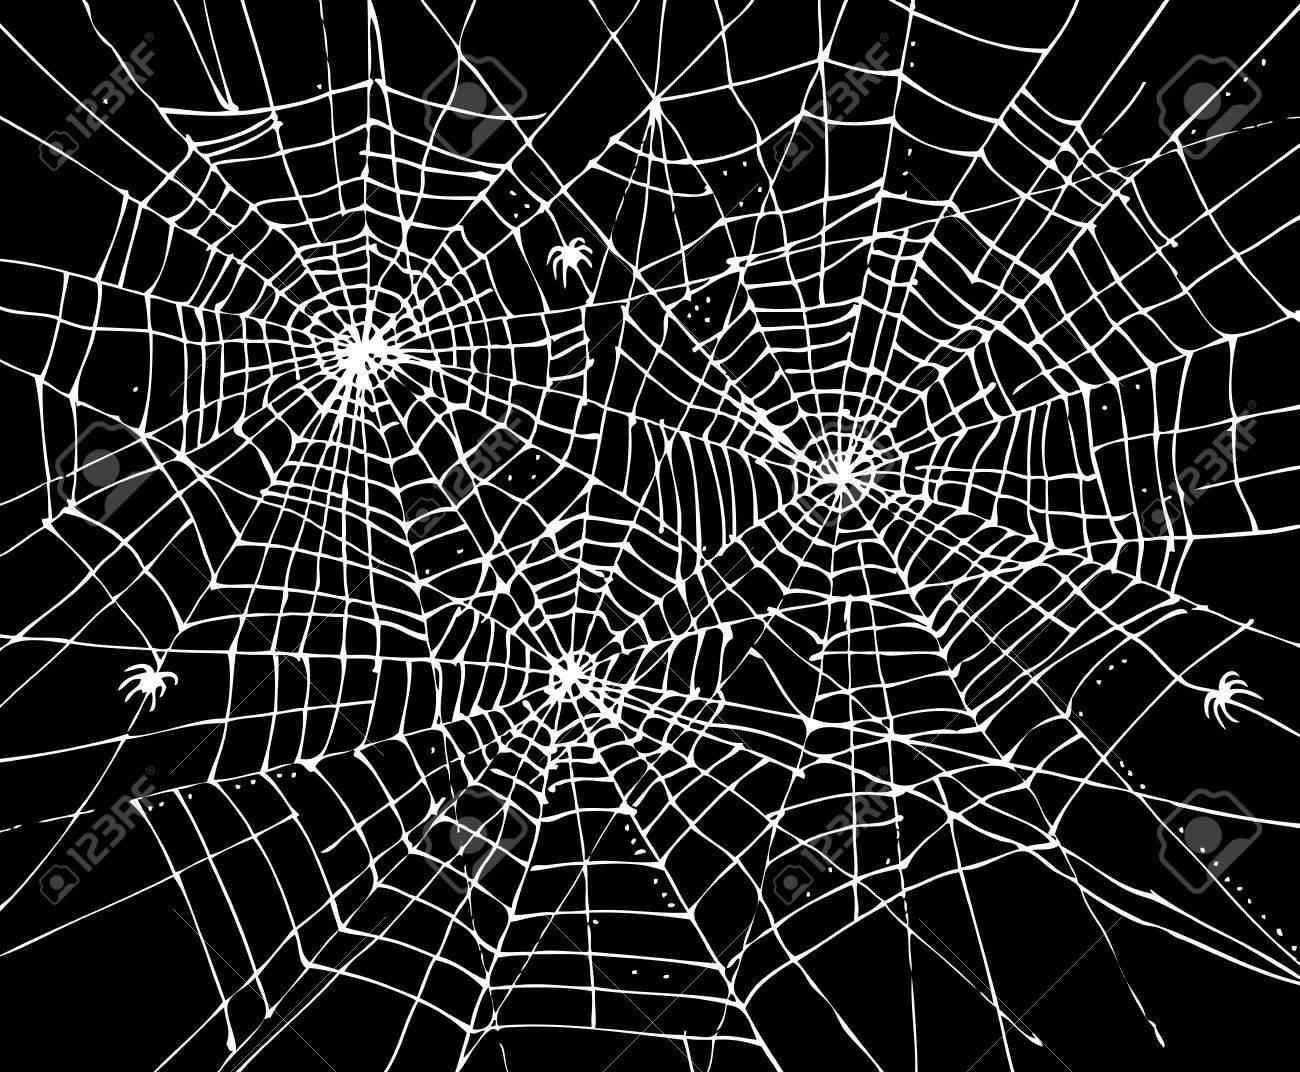 Fond D Ecran Web Halloween 307 Eau Forte Texture Decorative En Noir Et Blanc Vecteur D Illustration Clip Art Libres De Droits Vecteurs Et Illustration Image 66437843